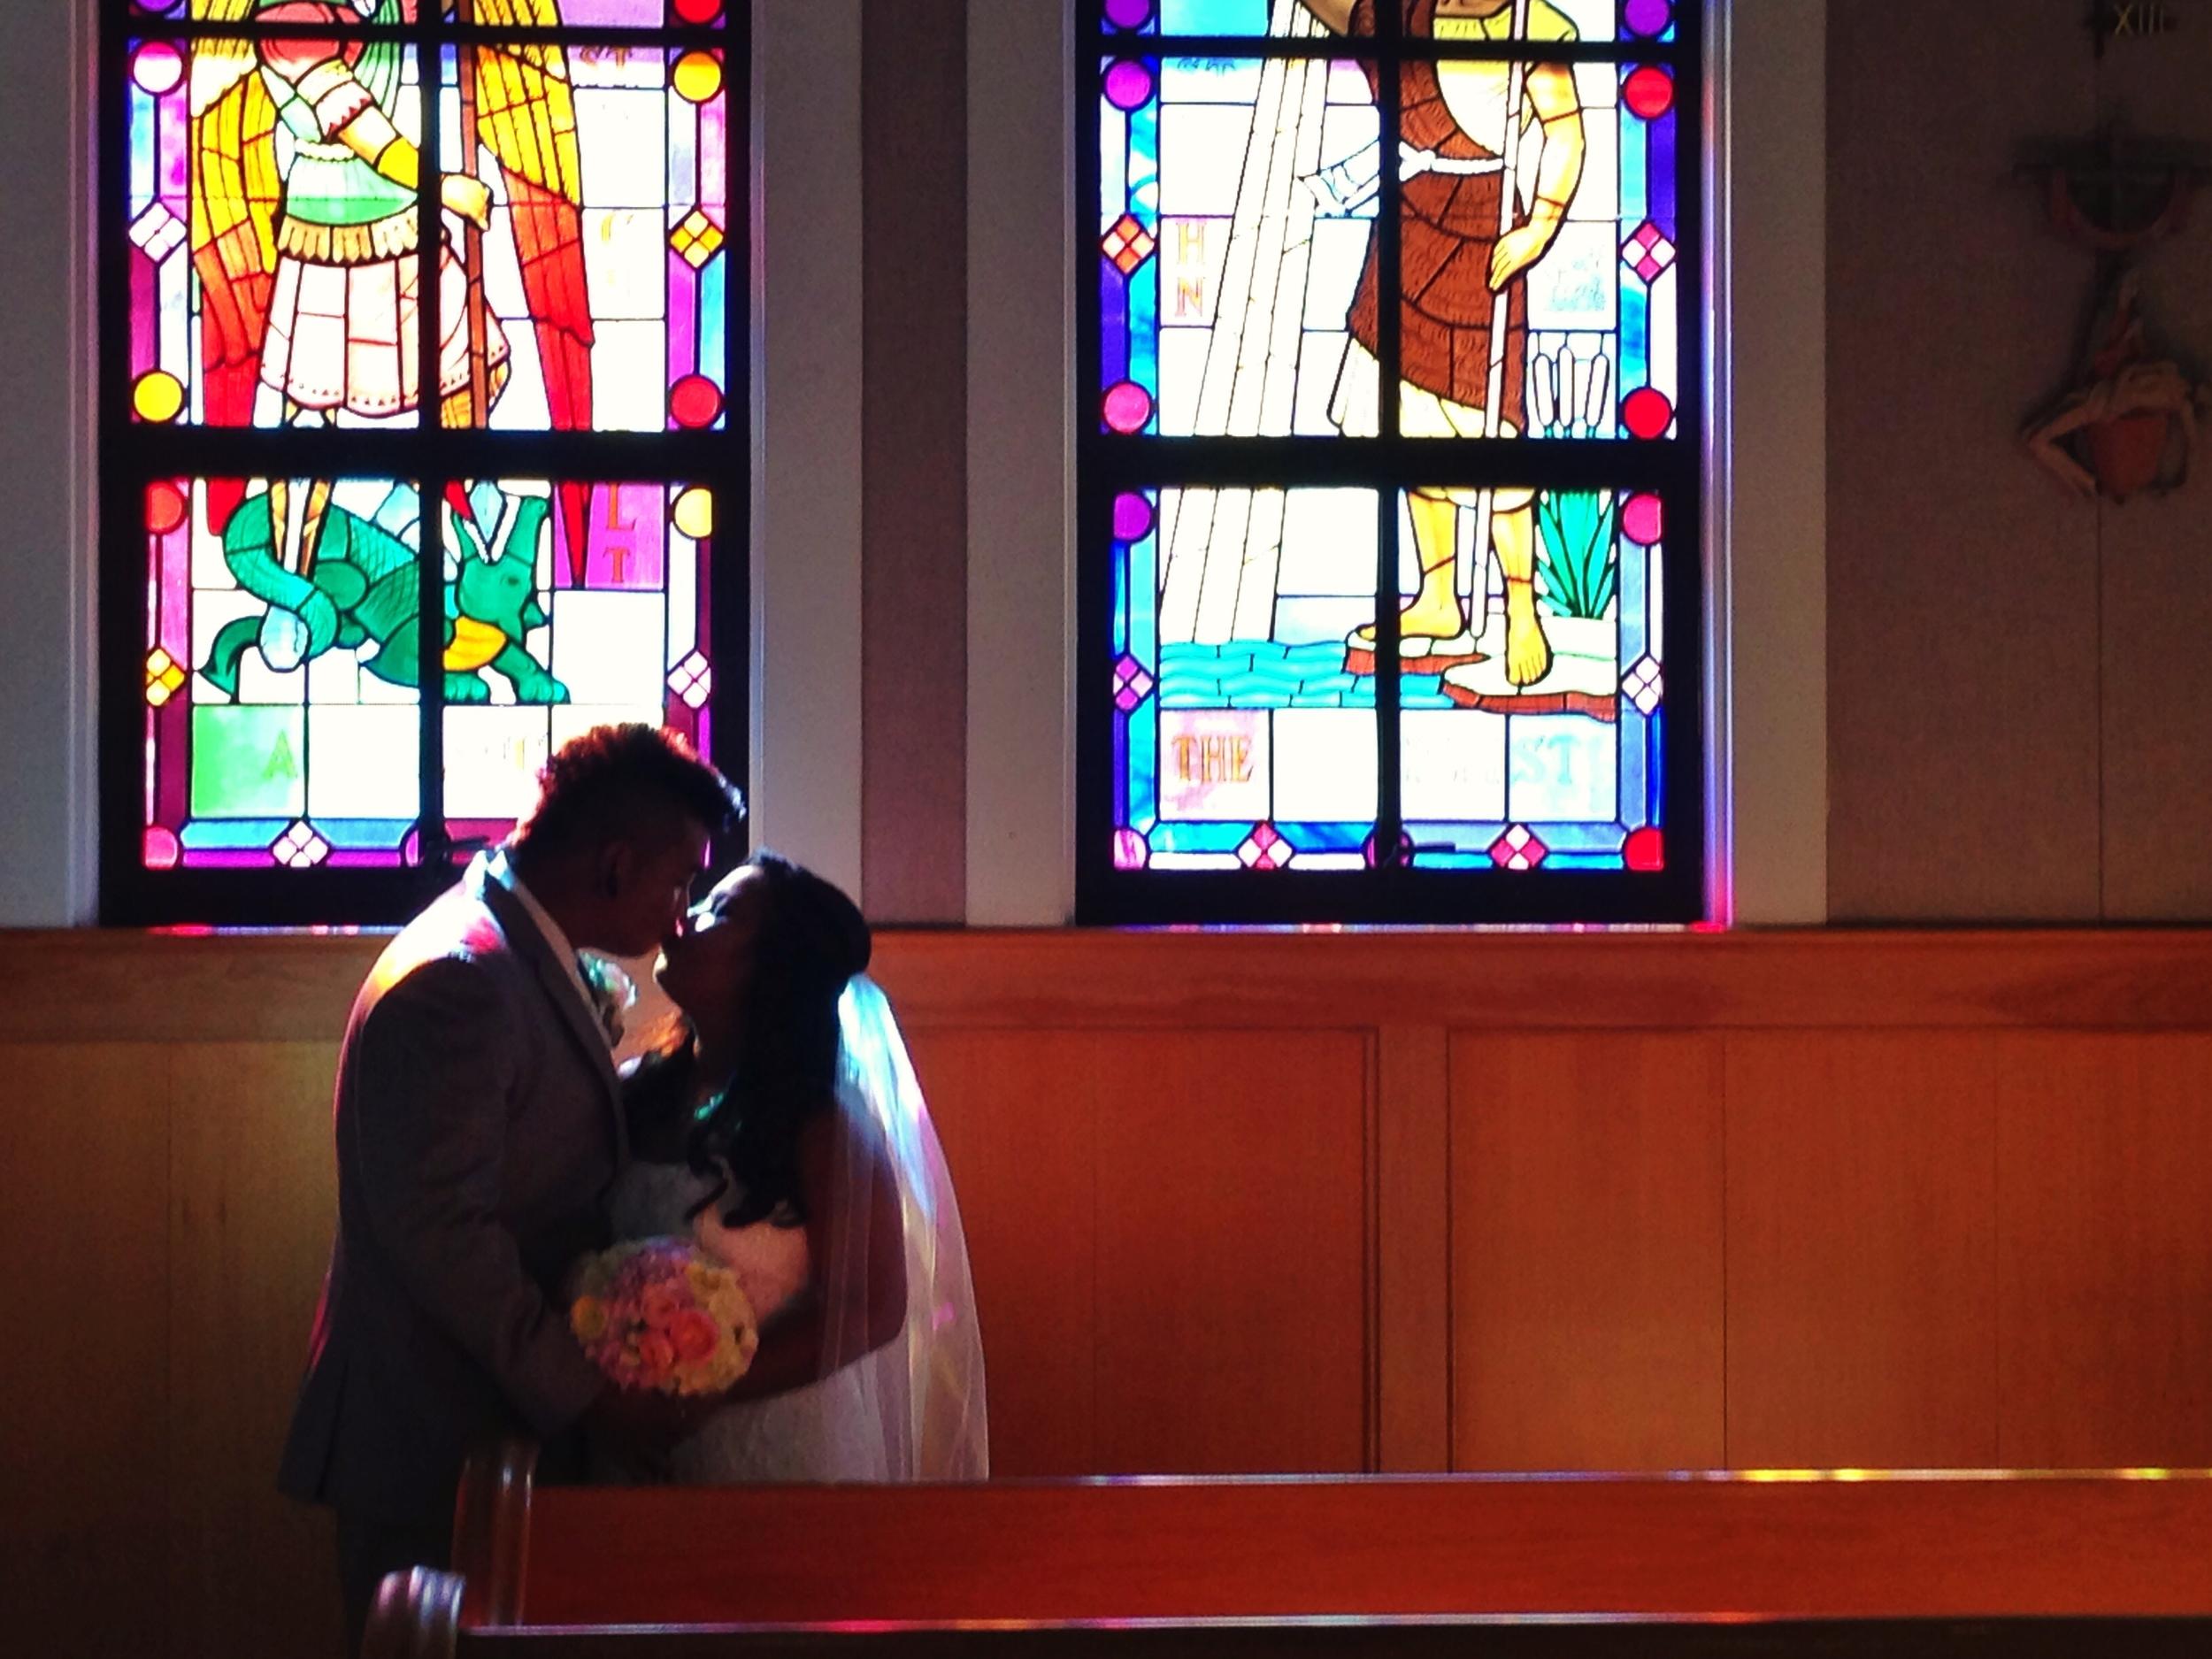 oahu-church-wedding-ceremony-glass-stain-windows